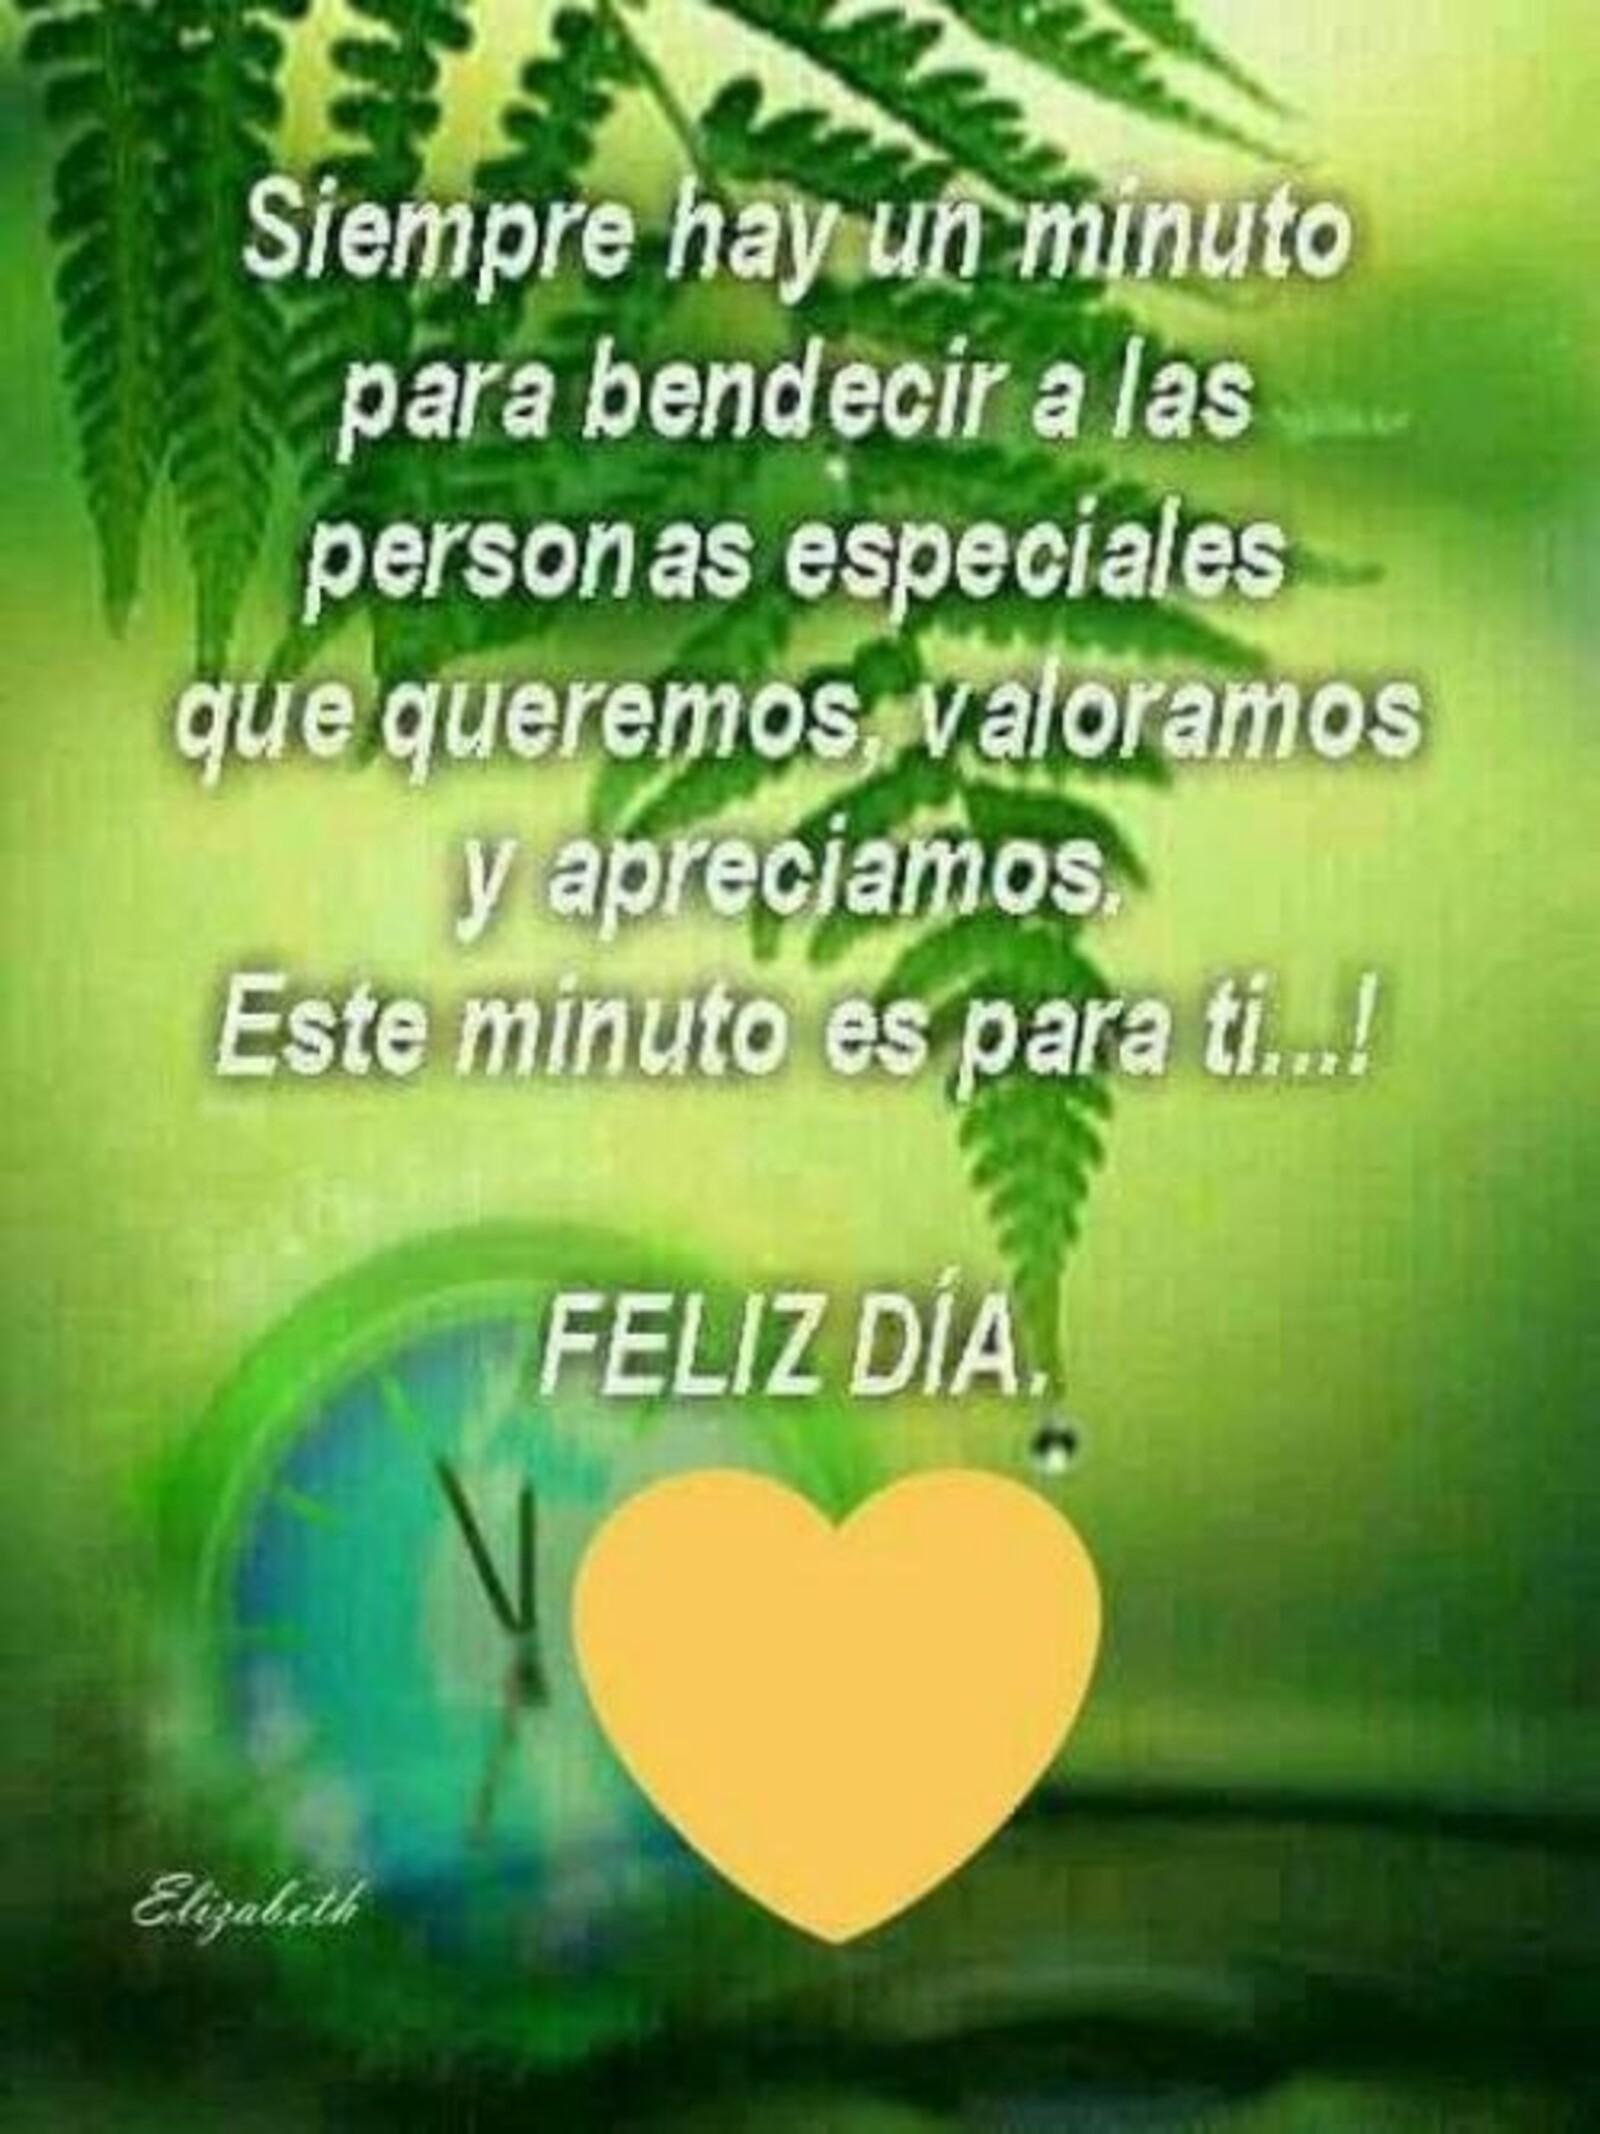 Siempre hay un minuto para bendecir a las persona especial que queremos, valoramos y apreciamos. Este minuto es para ti...! Feliz día